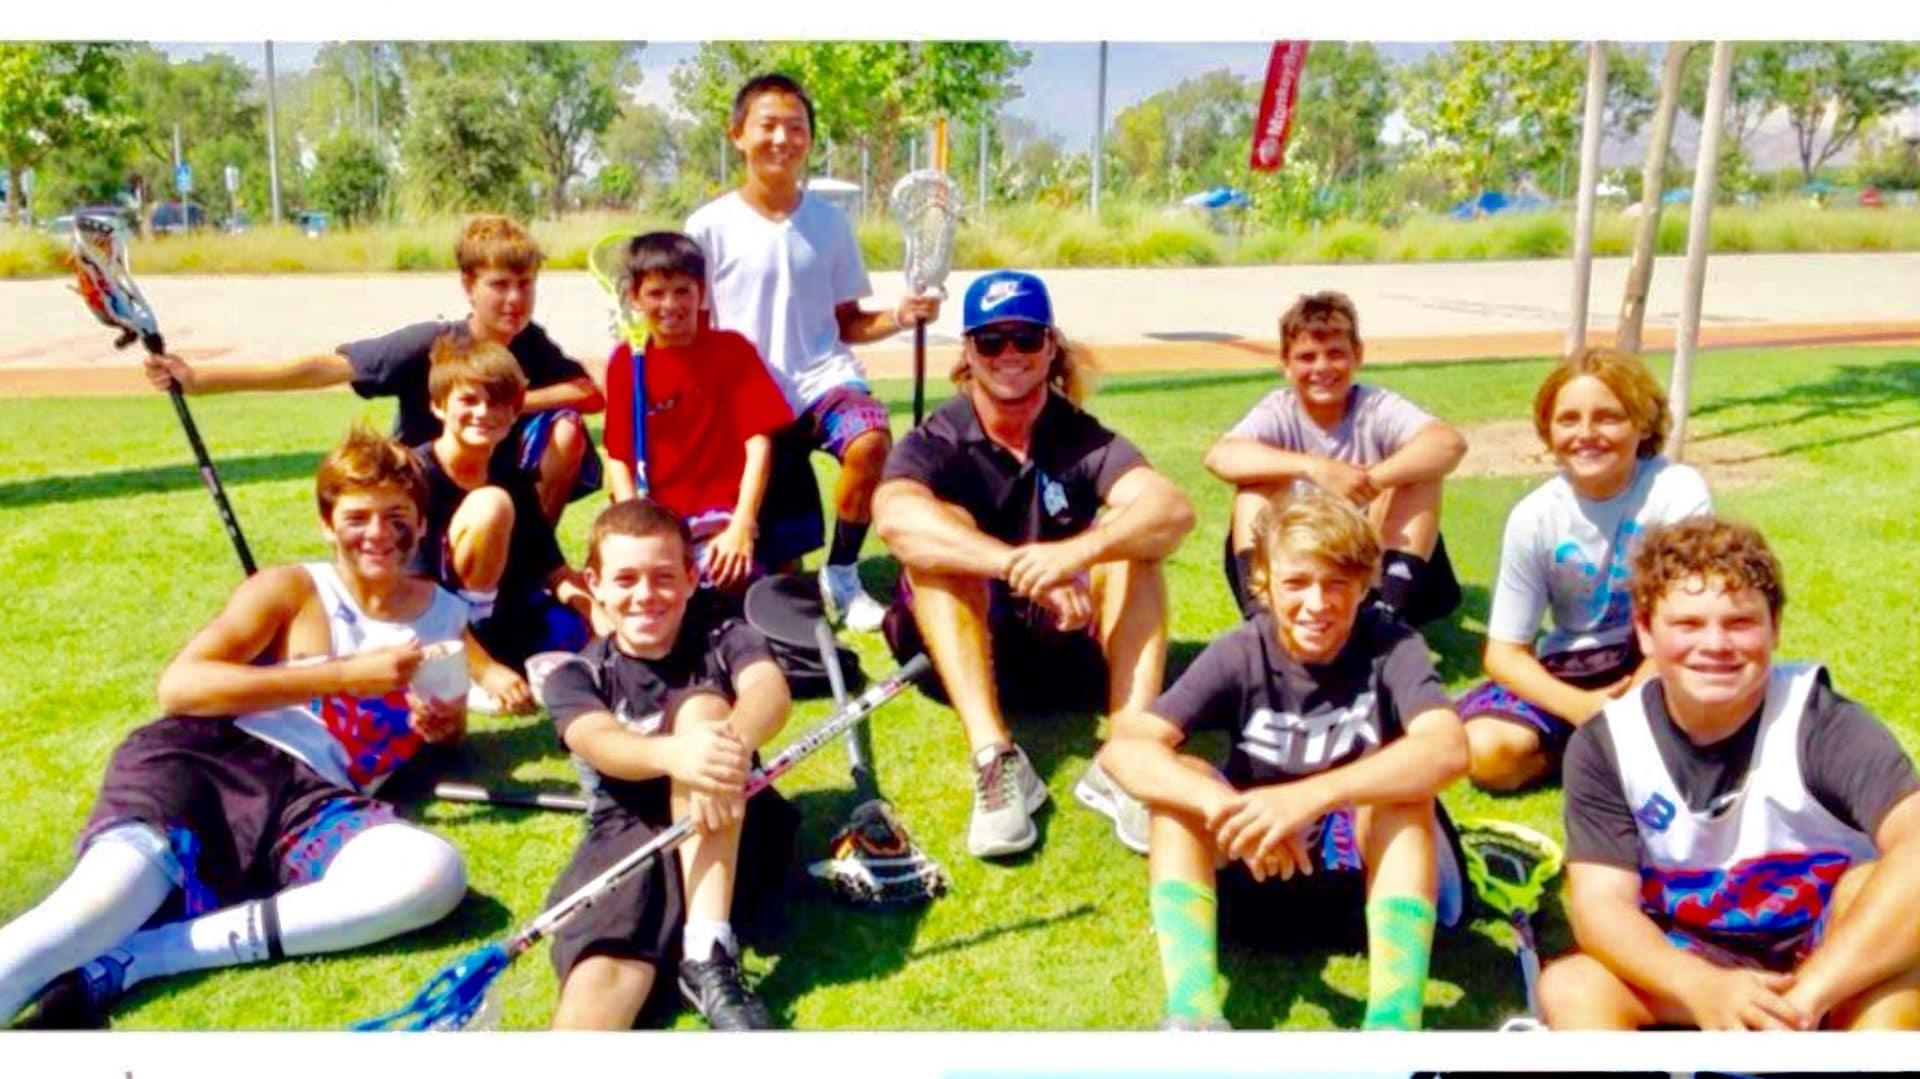 Edison boys' lacrosse